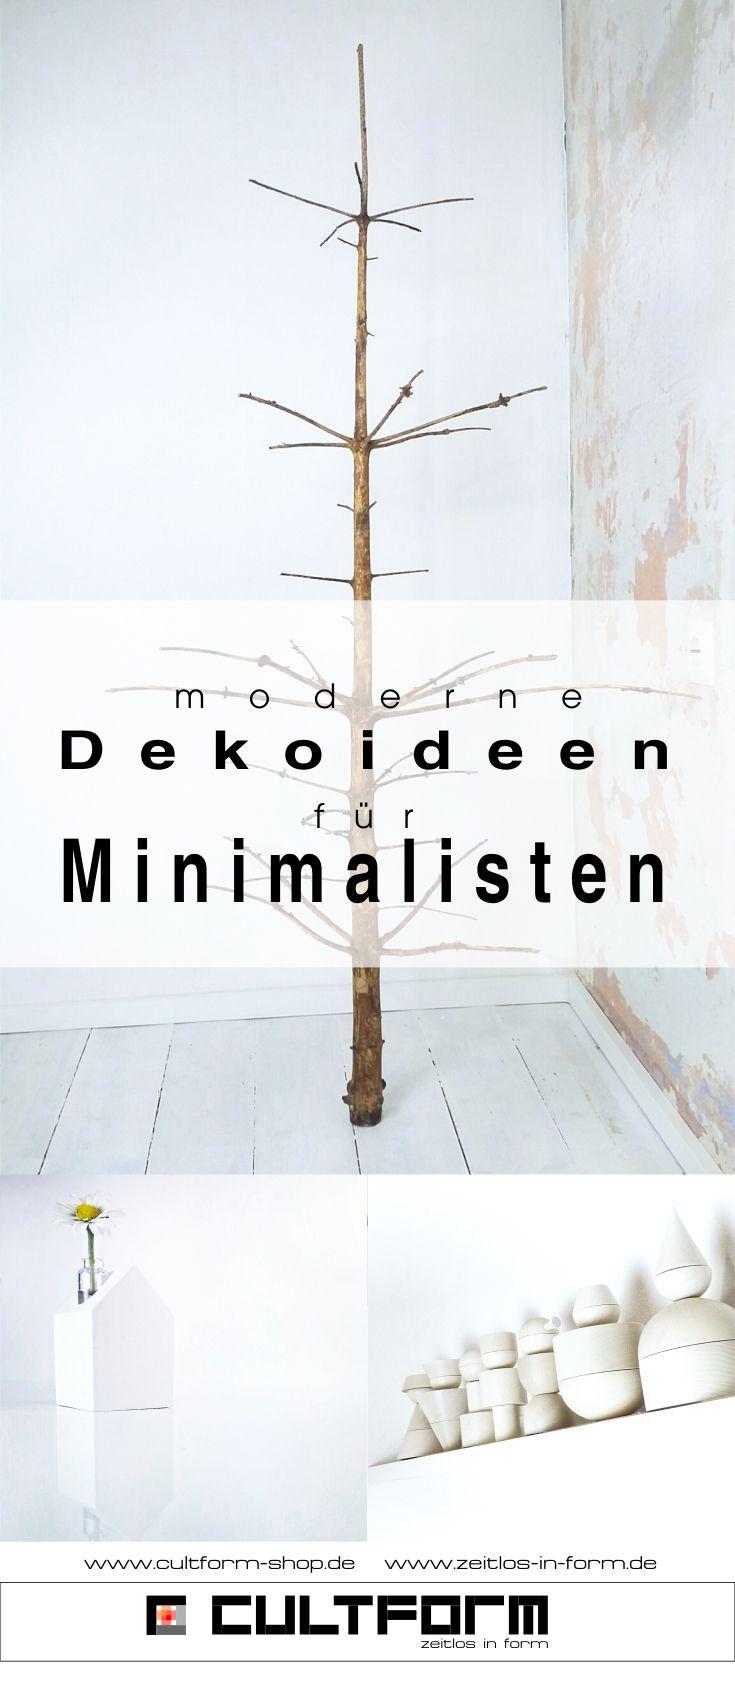 moderne Dekoideen für Minimalisten auf dem Blog und im Shop. #cultform #design #interior #minimalismus #minimalisten +deko #dekoideen #nadelfreier #Weihnachtsbaum